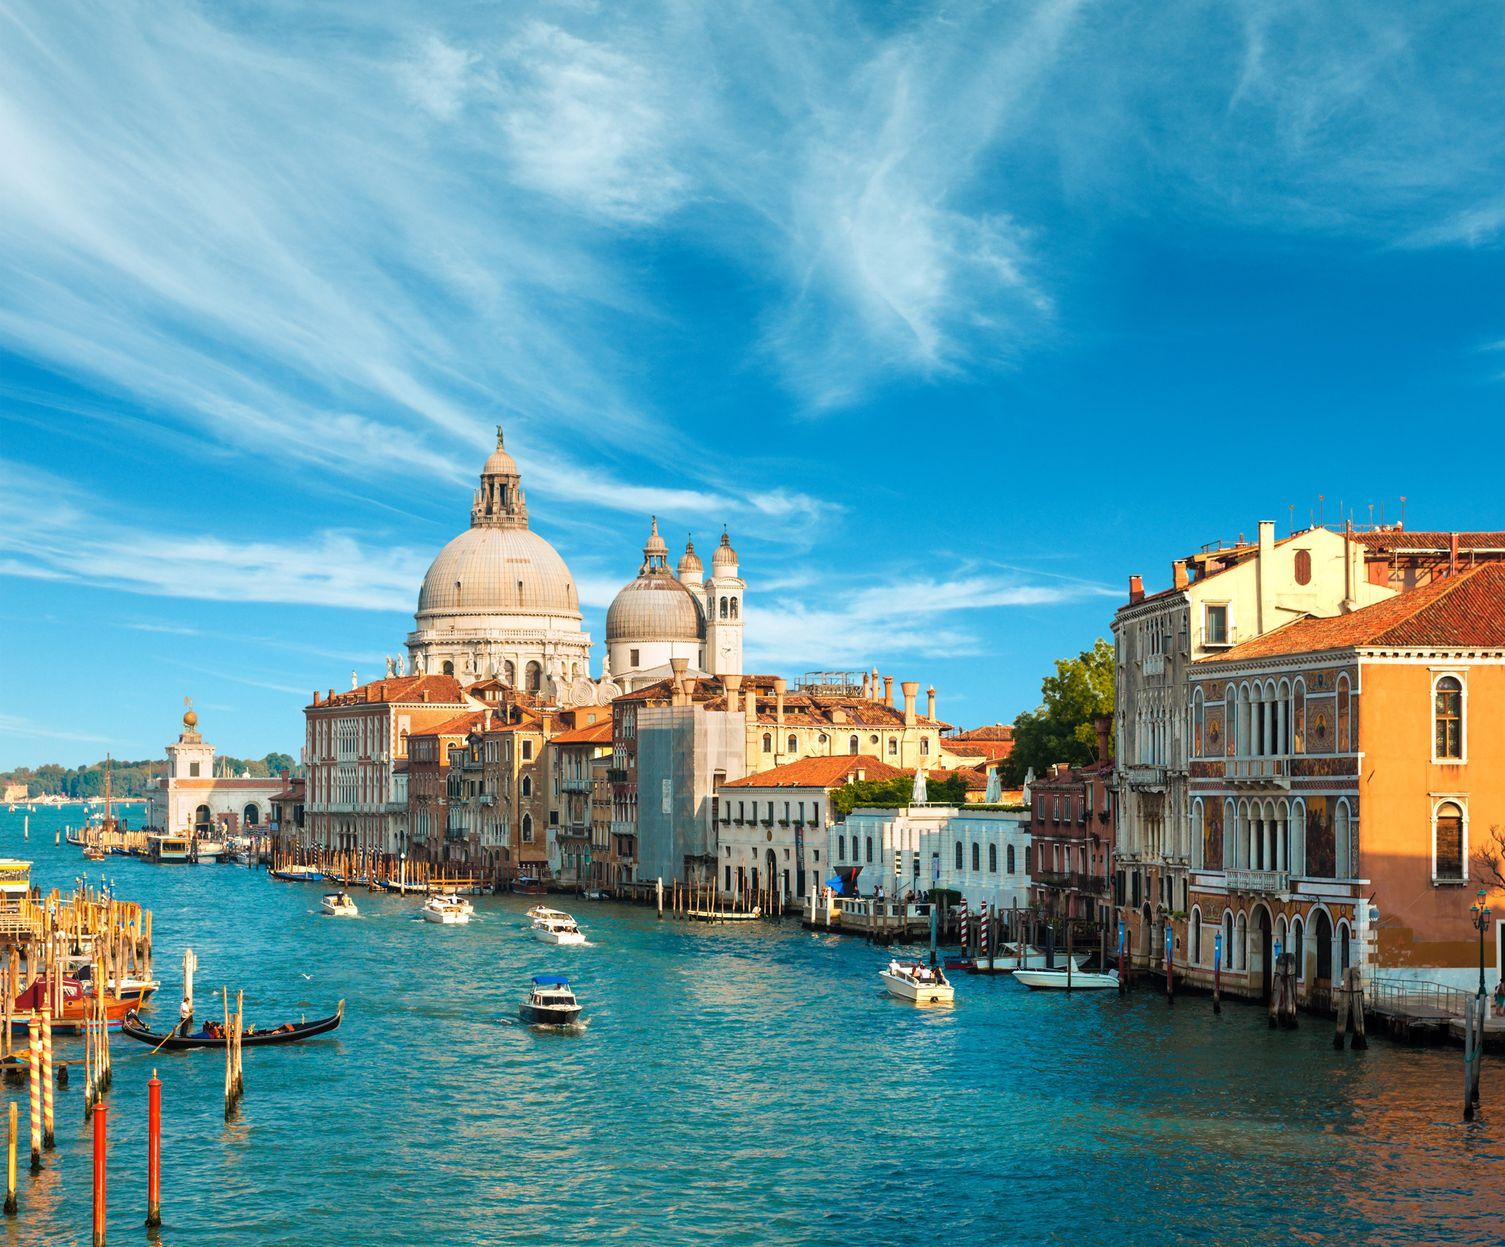 FTG-Grand-Canal-and-Basilica-Santa-Maria-della-Salute-Venice-Italy